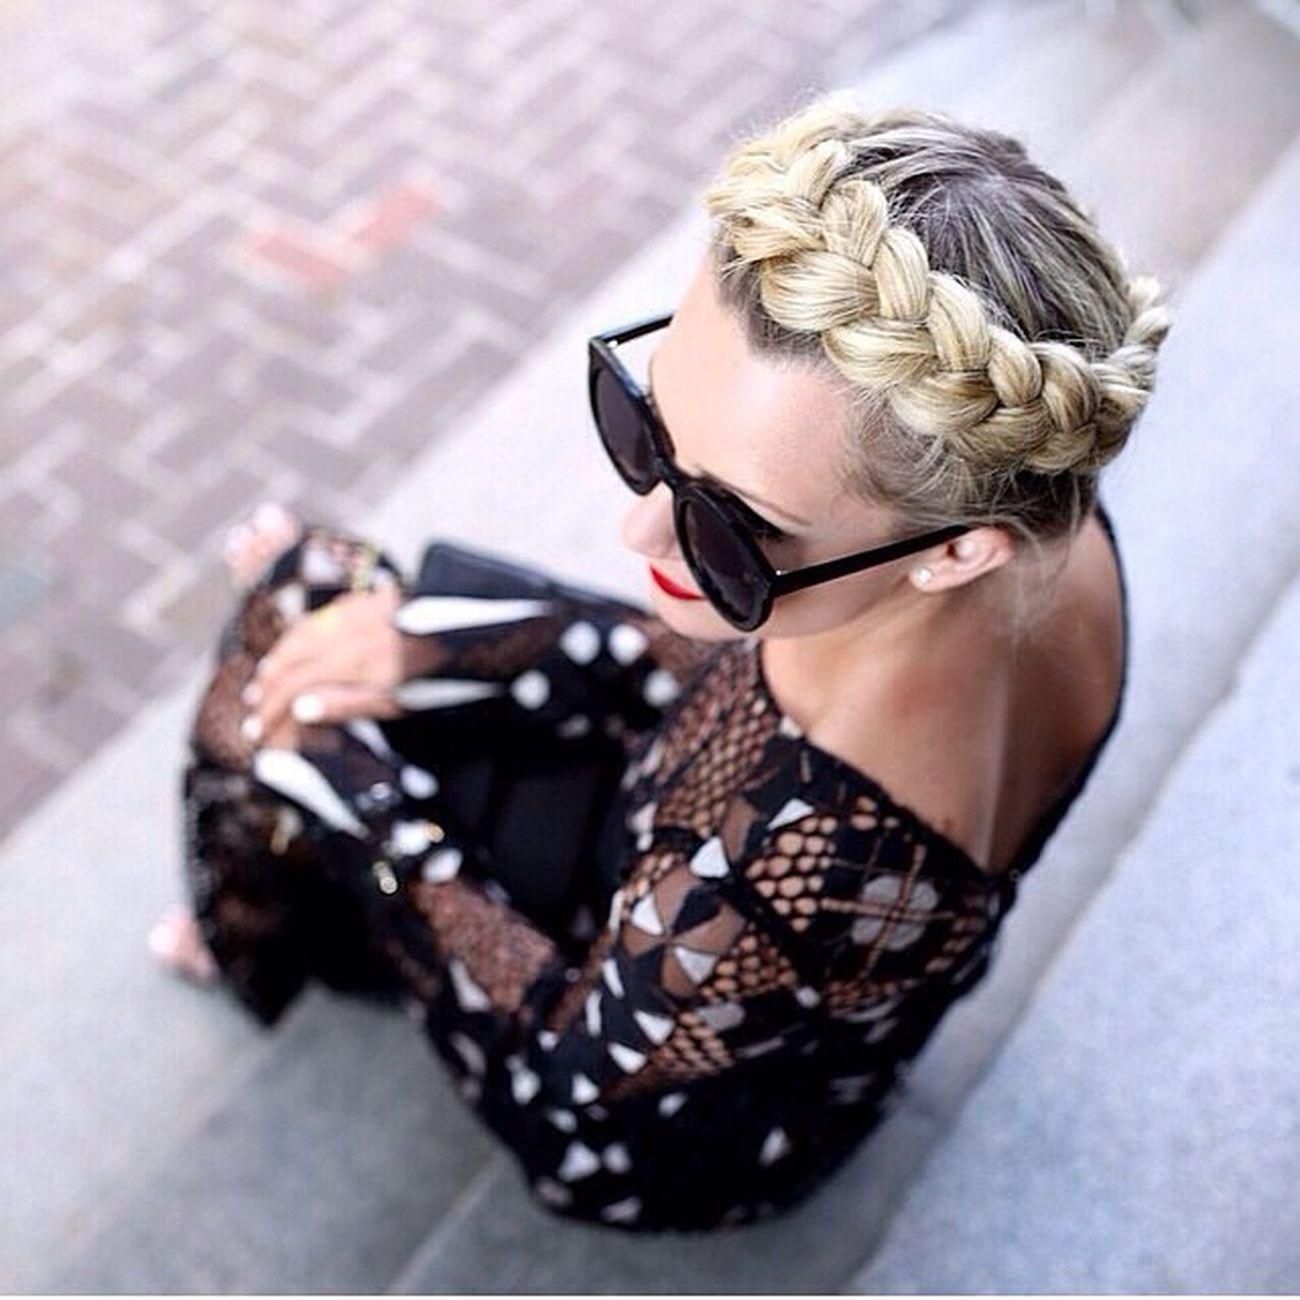 Repost from @shoelovebag Dünyaca ünlü bloggerlar @blaireadiebee Moda Fashion Style Stil shoes ayakkabı dress elbise makeup makyaj streetstyle sokakstili hairstyle eğlence love dekorasyon bukombin